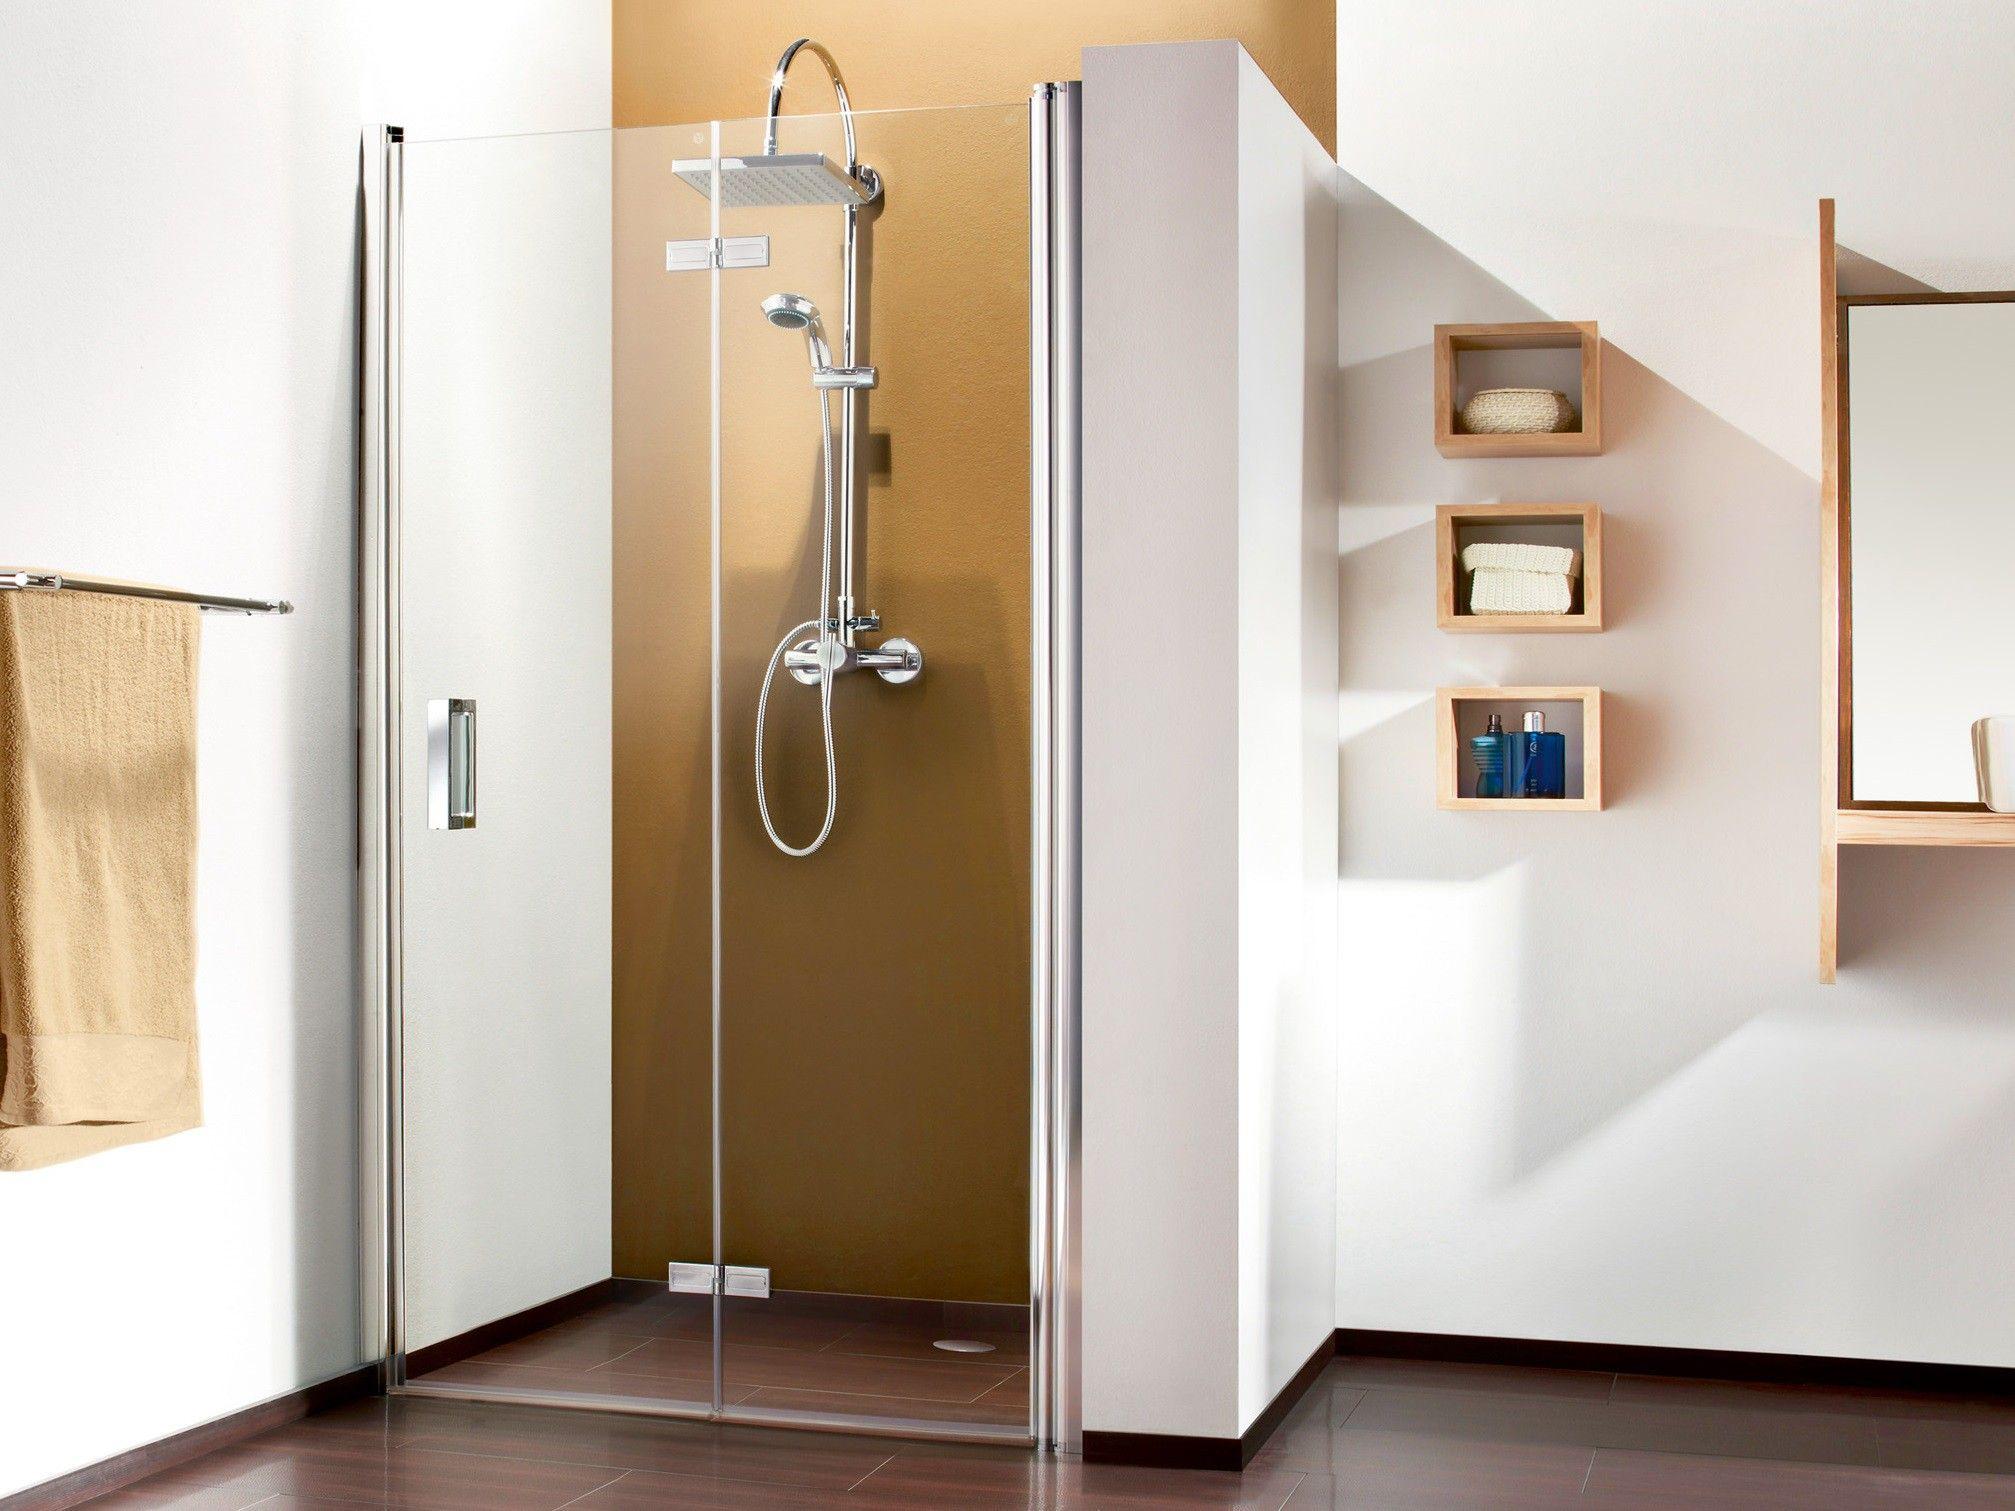 Drehfalttur Nische 100 X 220 Cm Bad Design Duschnische Und